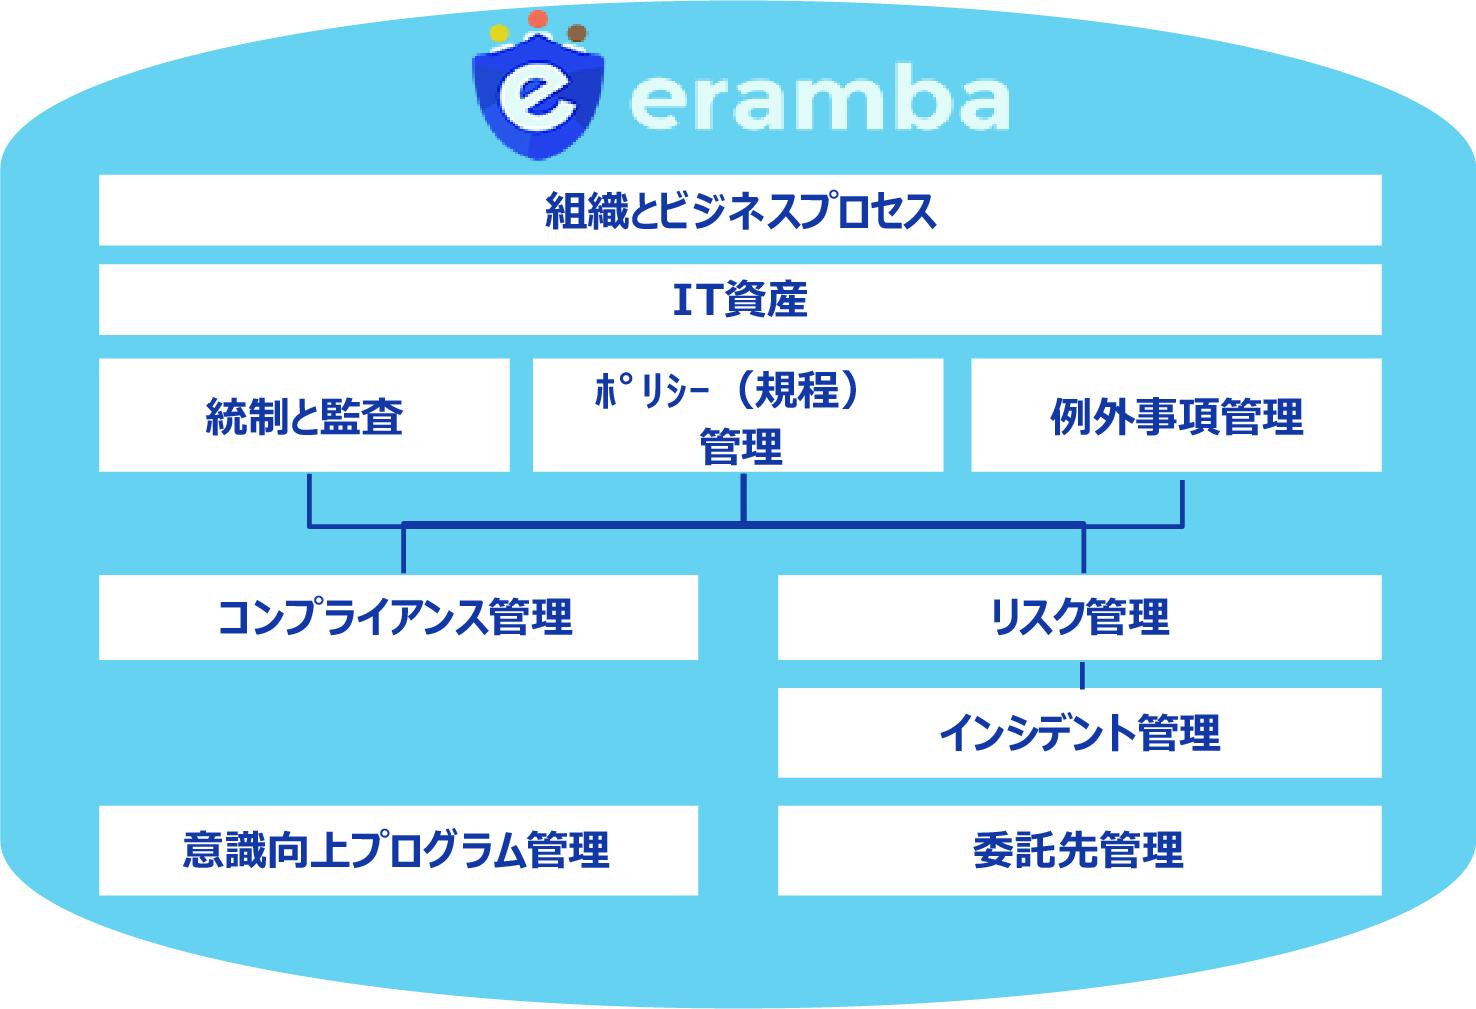 eranba(エランバ)イメージ図